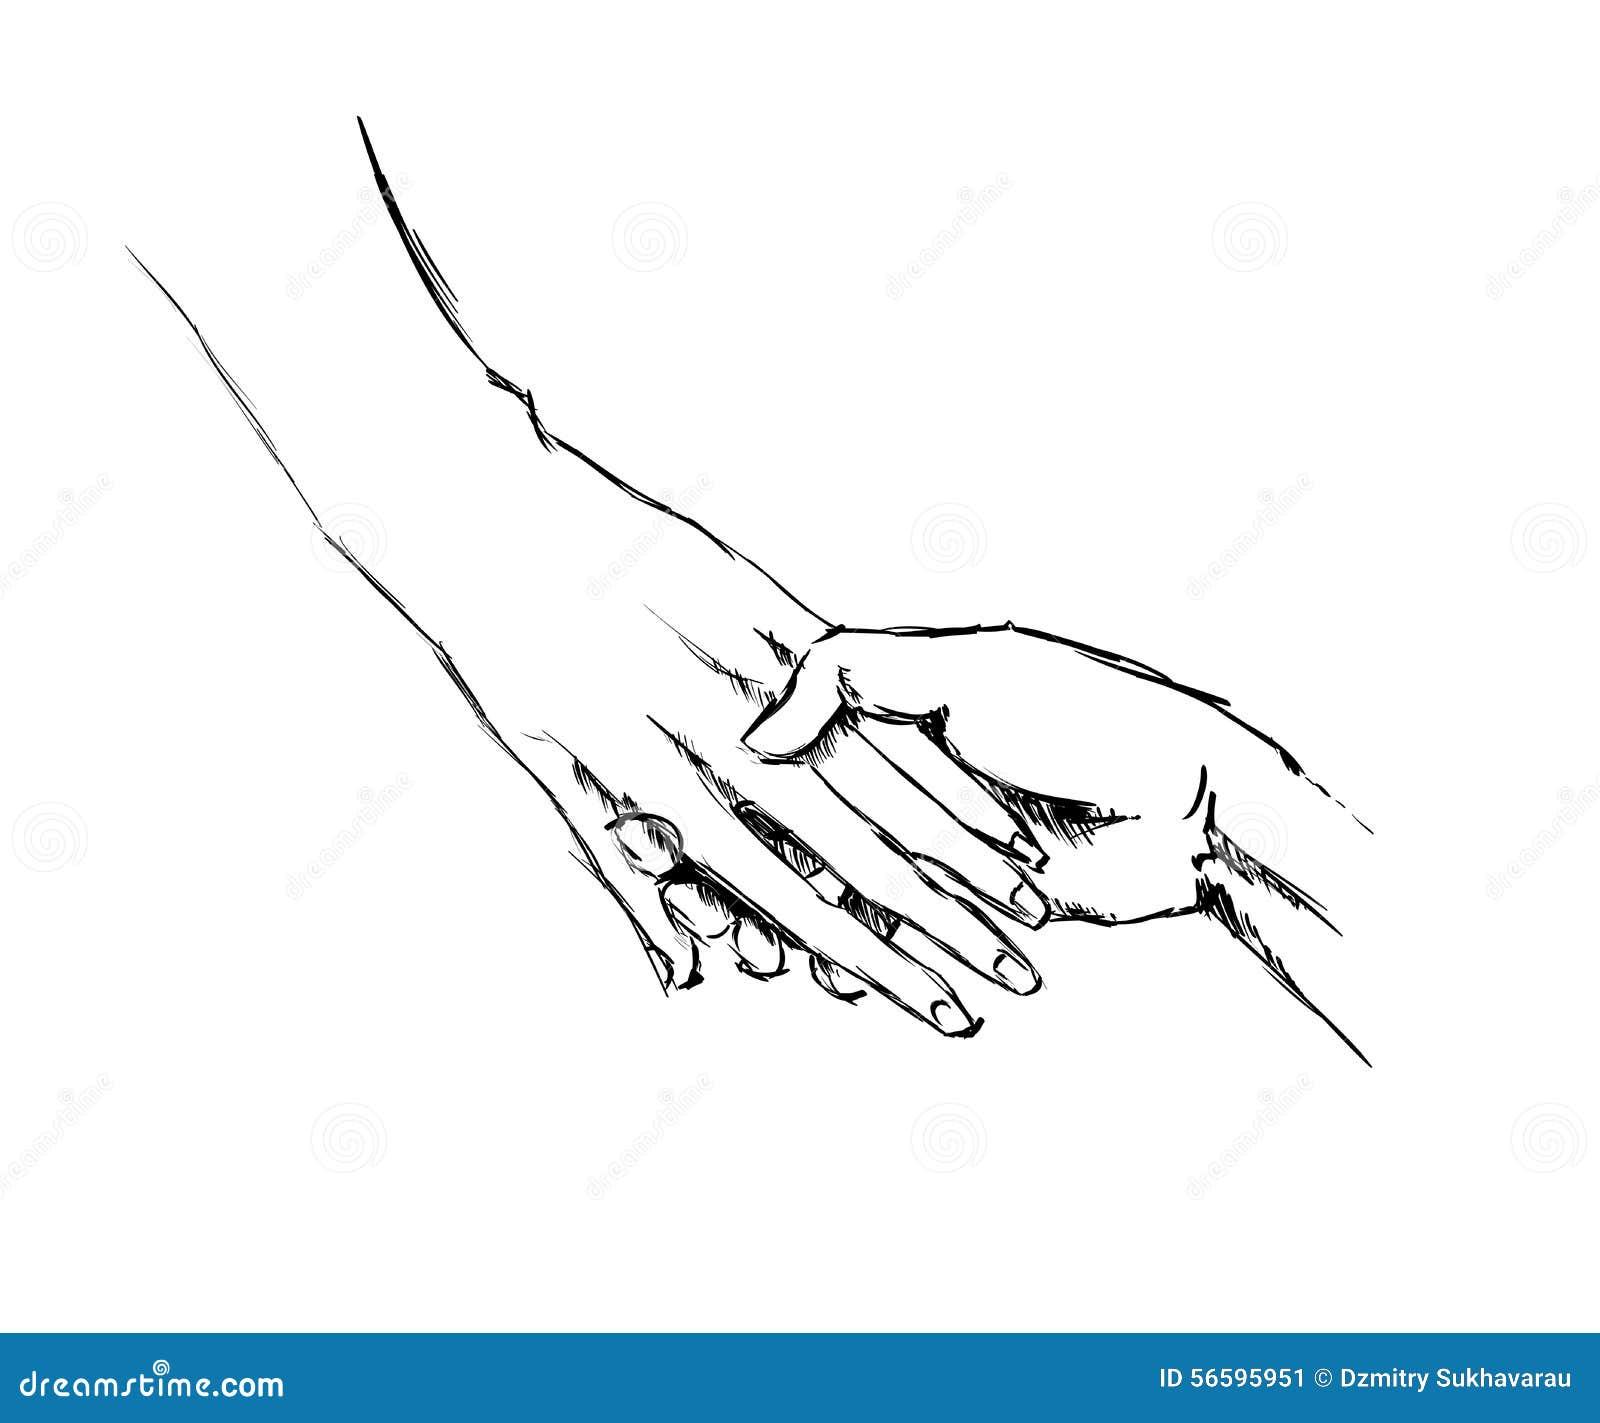 Uncategorized Holding Hands Sketch hand sketch holding hands stock illustration image 56595951 royalty free download holding